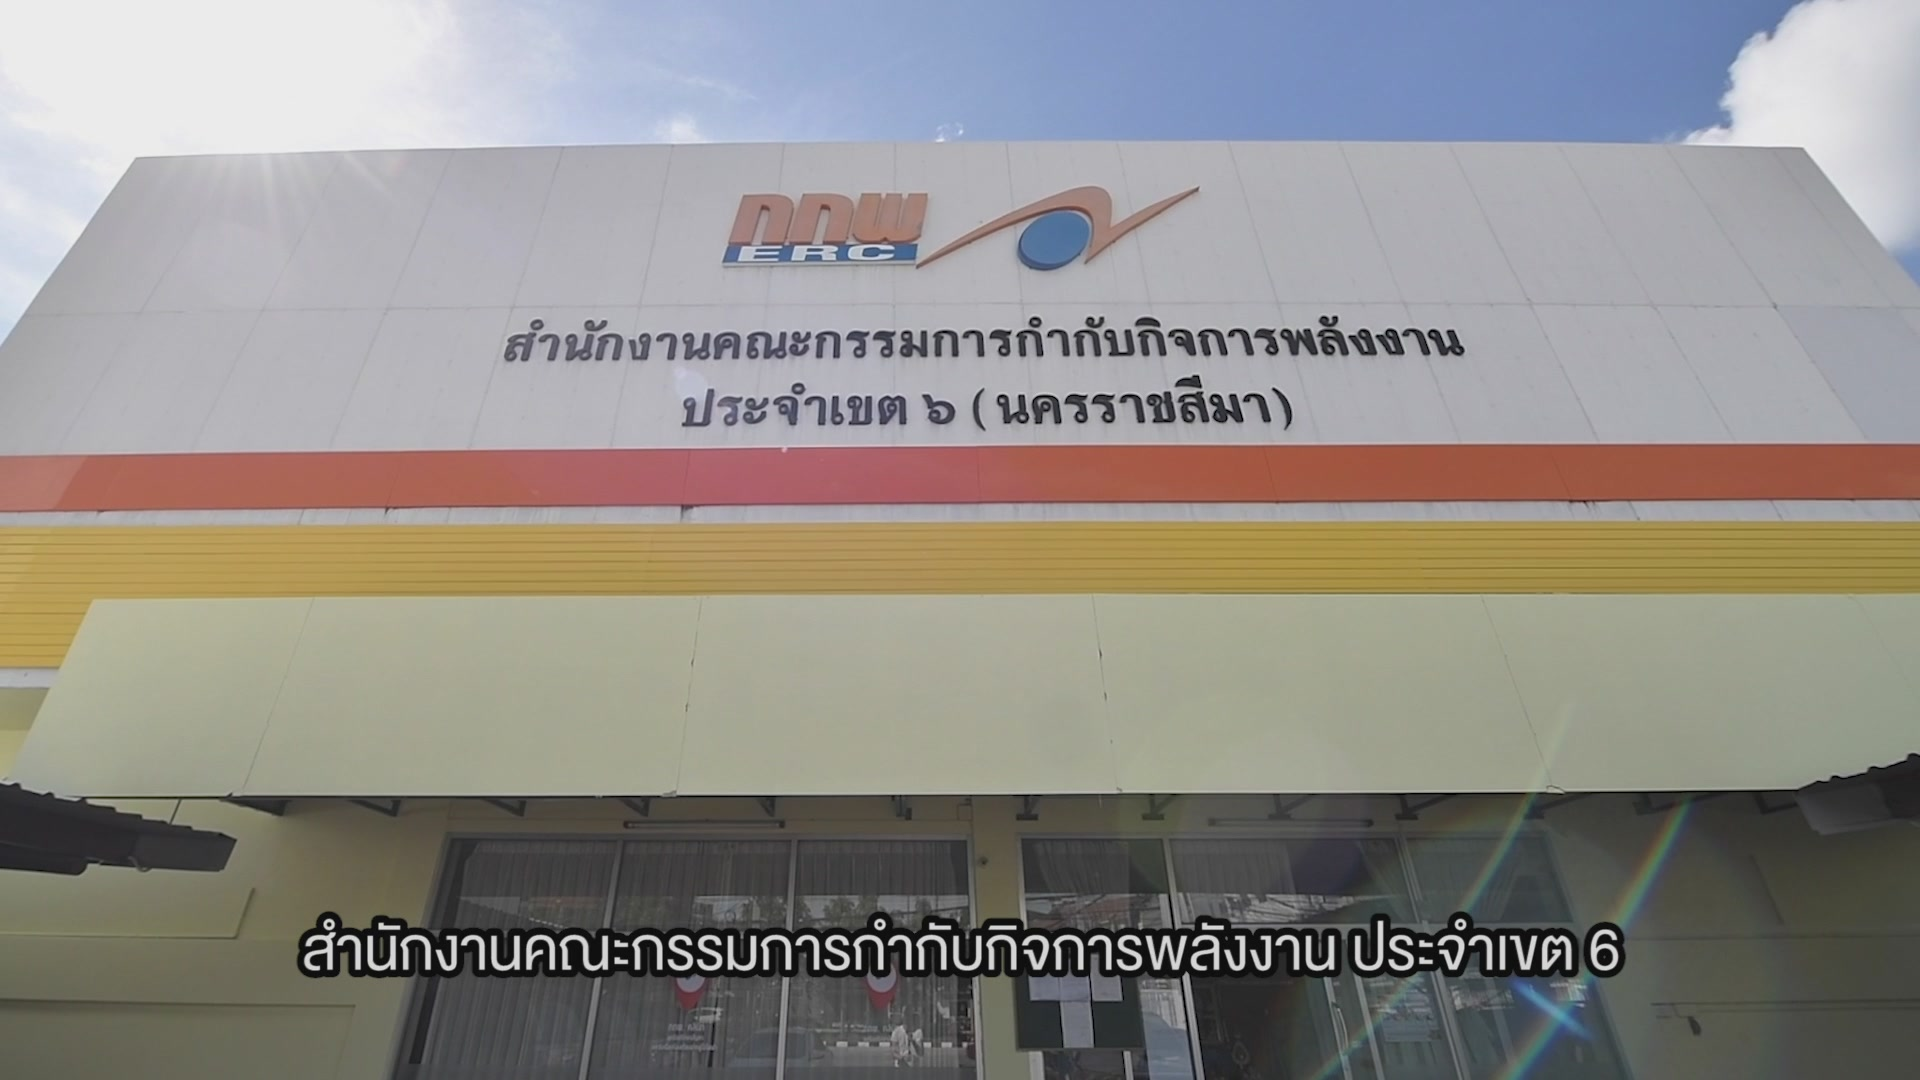 (ชมคลิป) ส่อง! กกพ.เขต 6 โคราชกับภารกิจ กำกับ ดูแล คุ้มครองและพัฒนาไฟฟ้าไทยให้ยั่งยืน